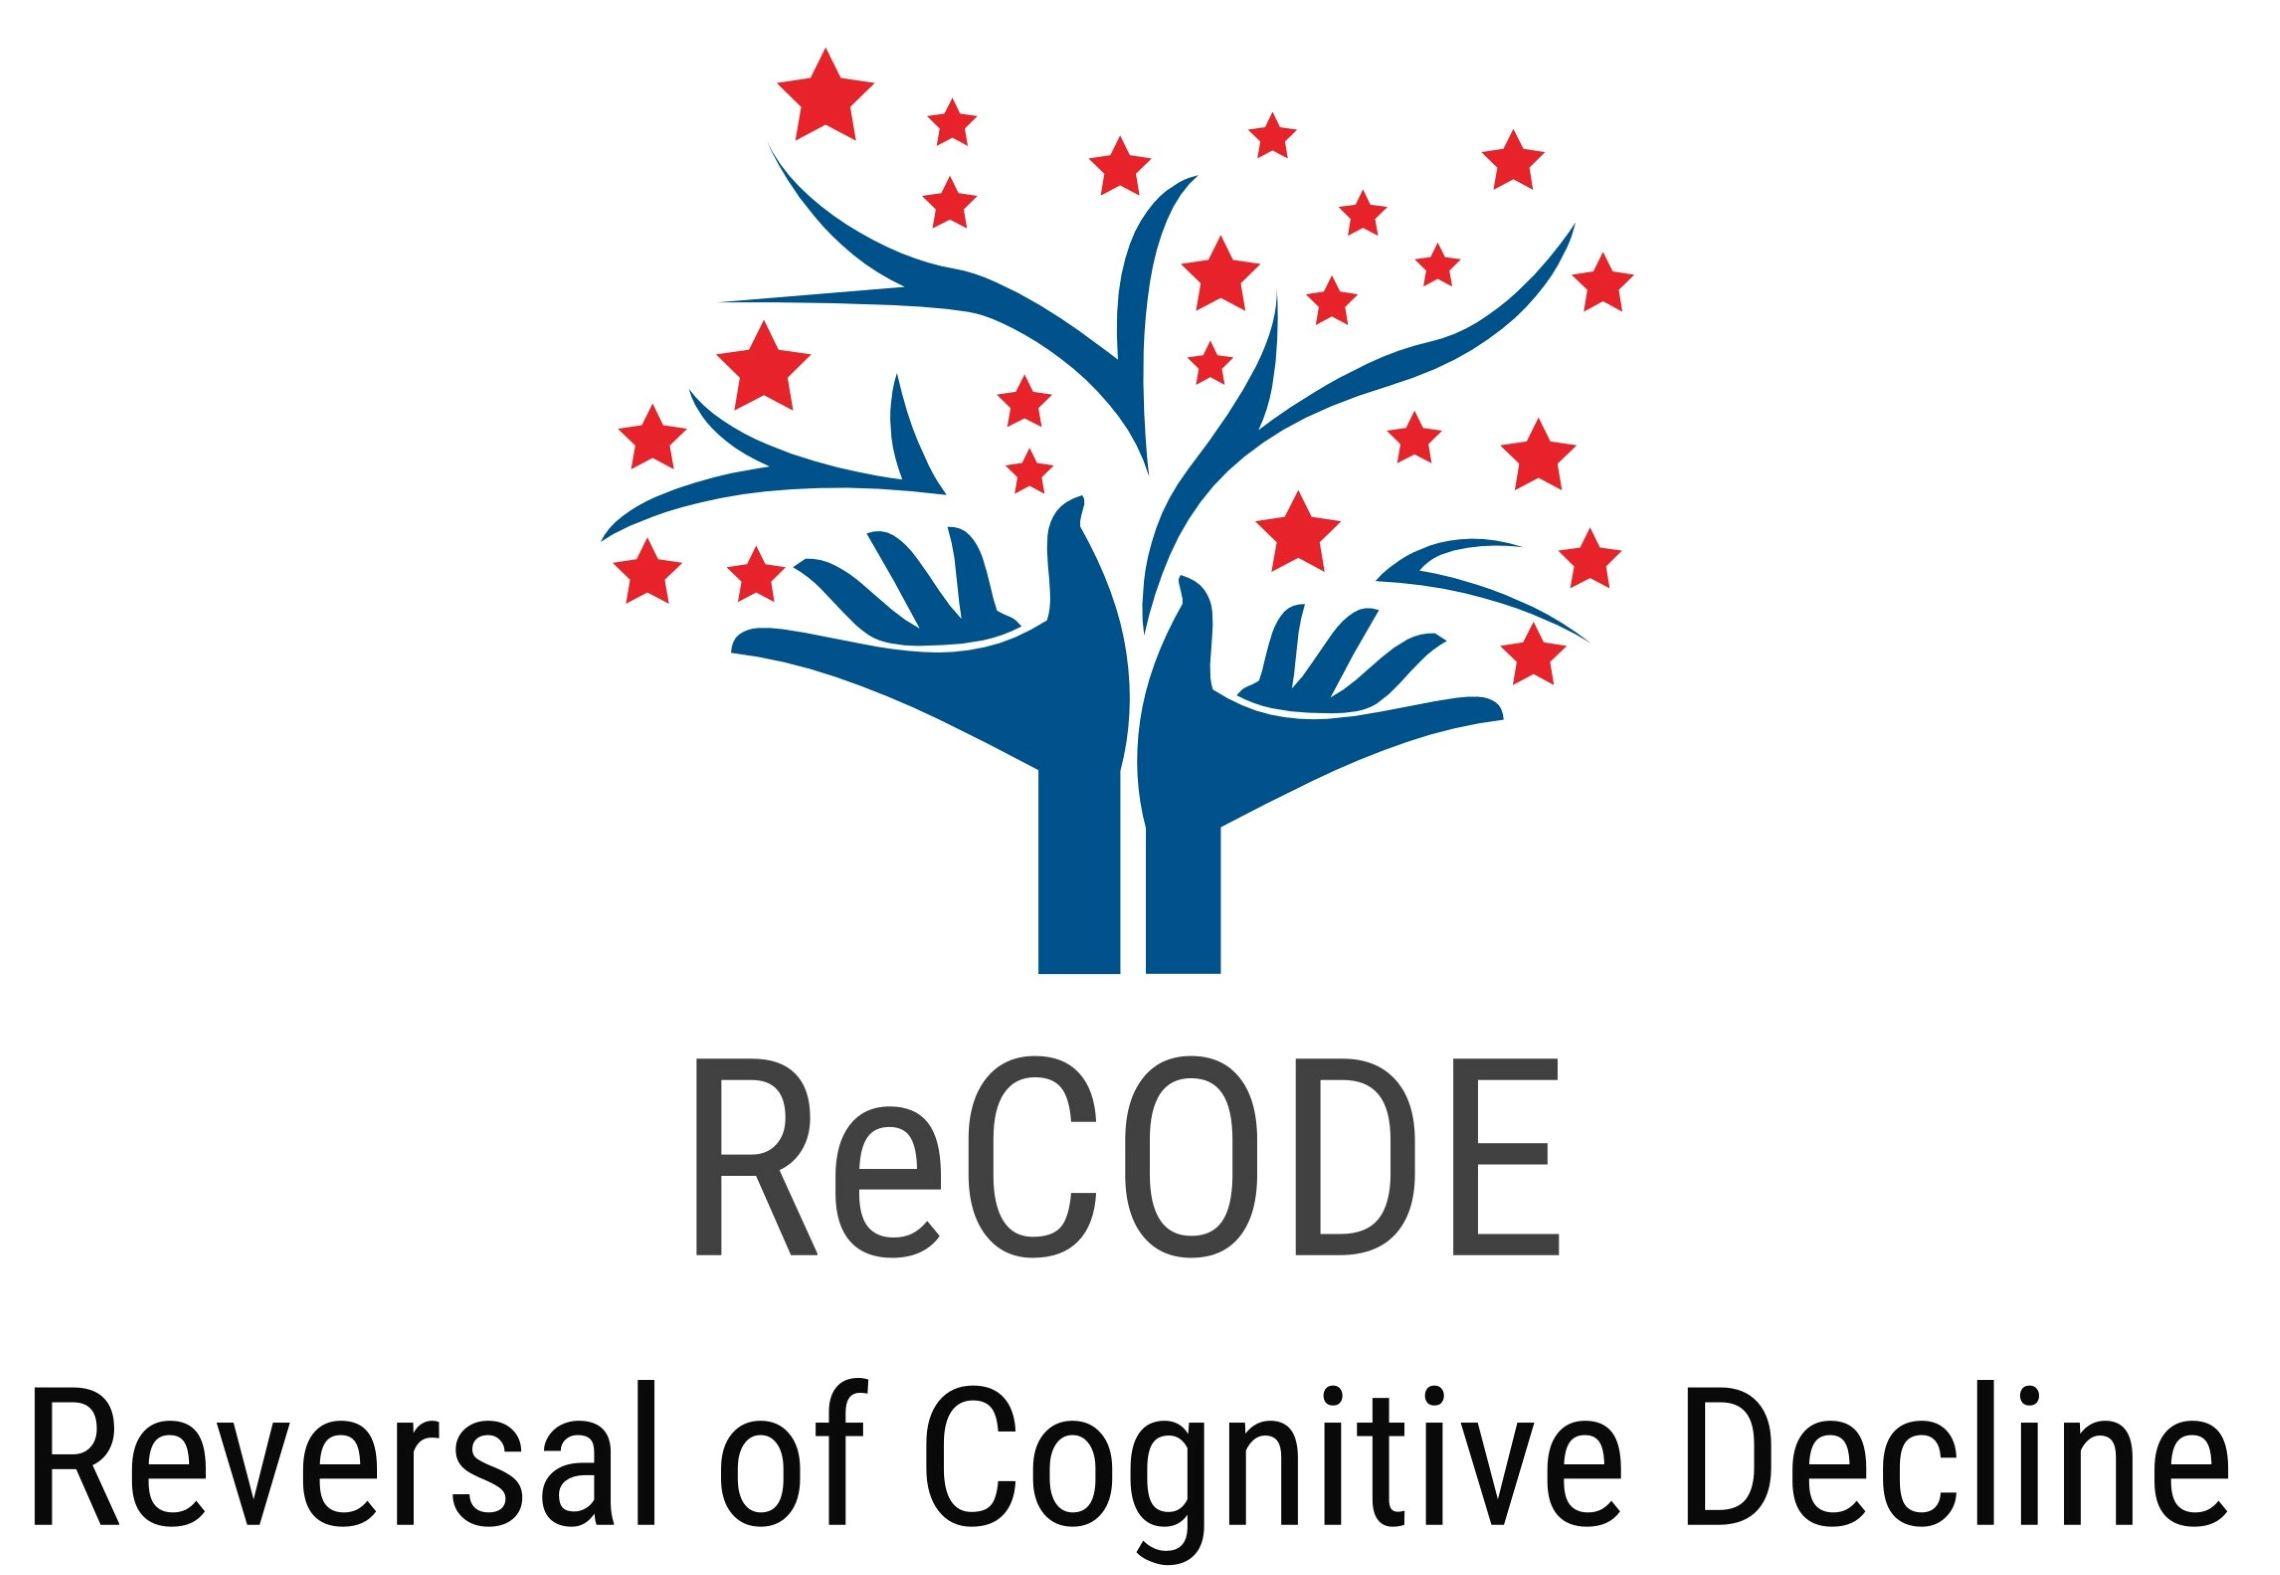 LOGO RECODE logo 2nd  editing.jpg